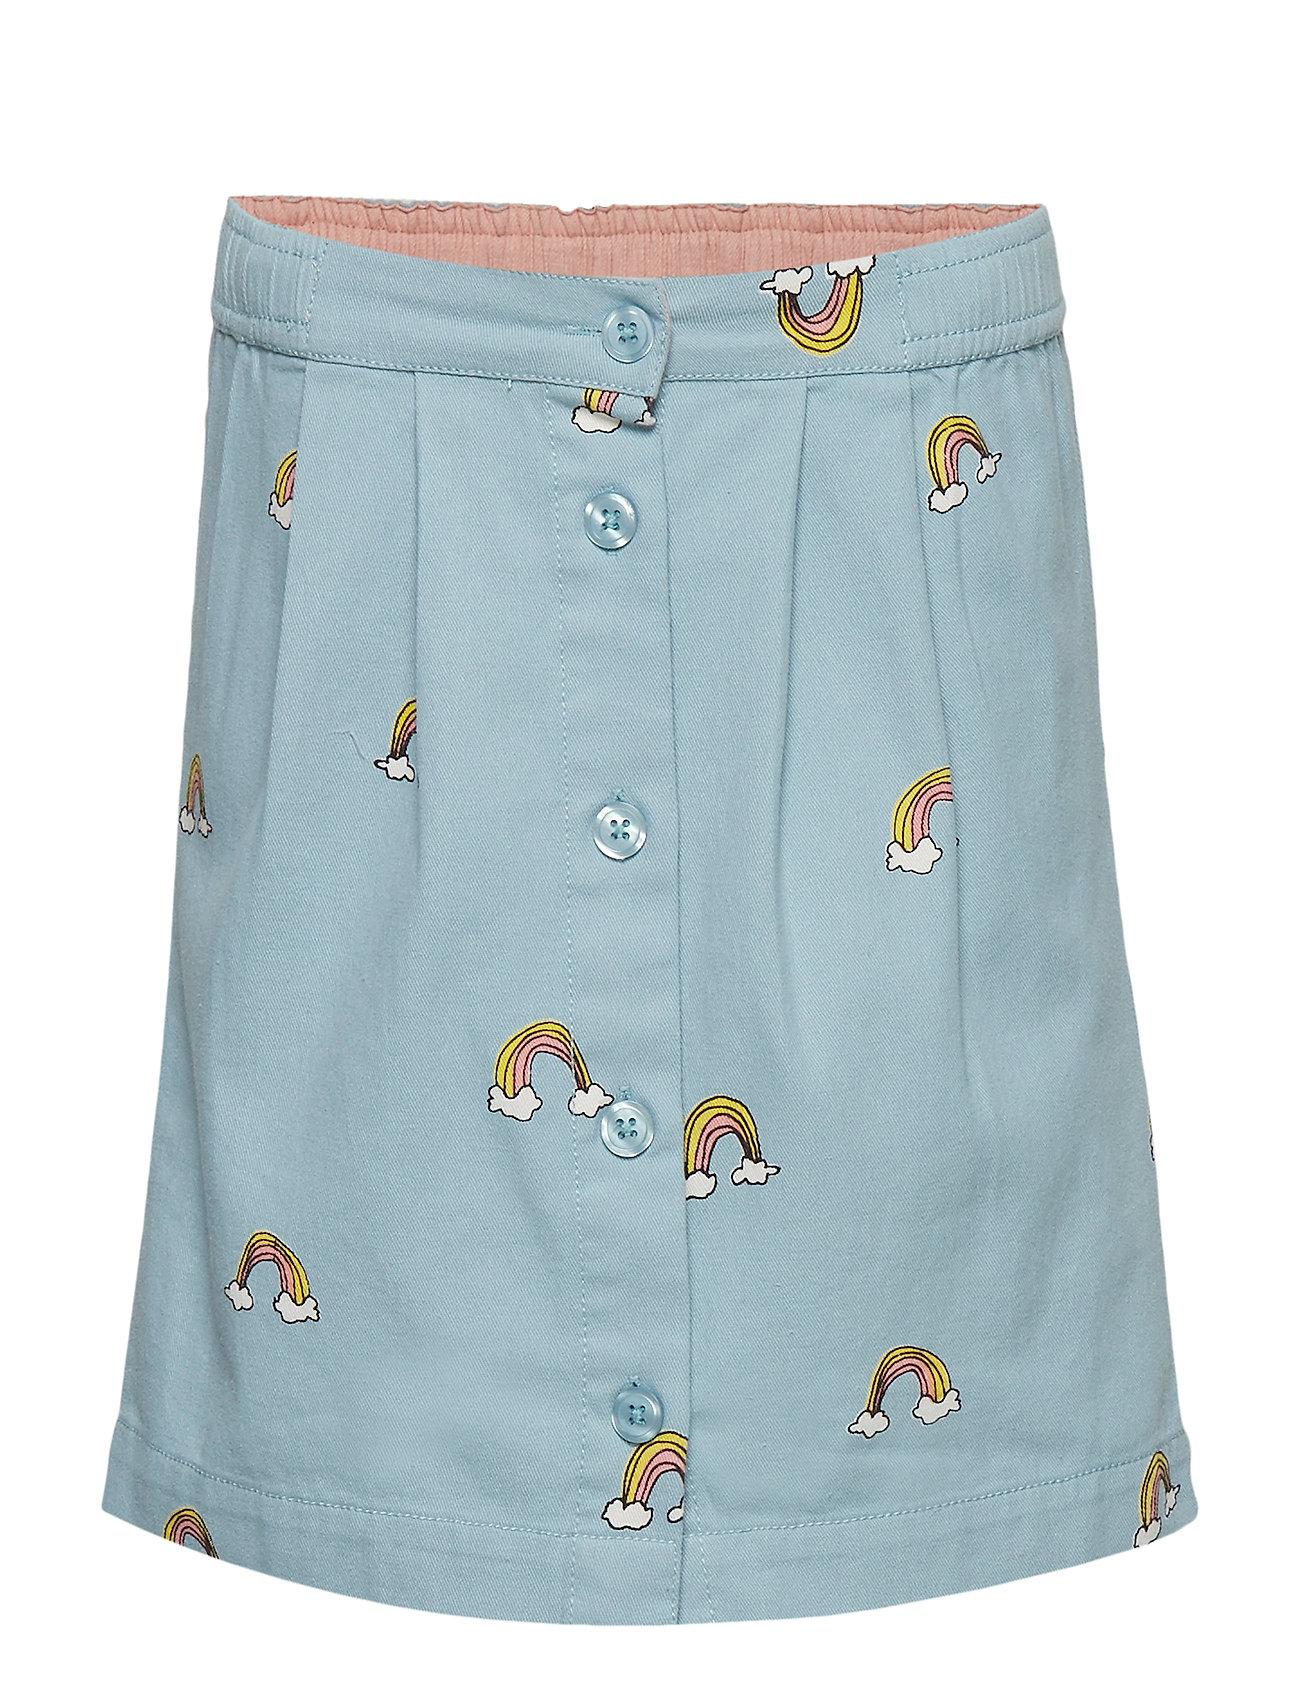 Soft Gallery Deedee Skirt - CLOUD BLUE, AOP LUCKY SIMPLE